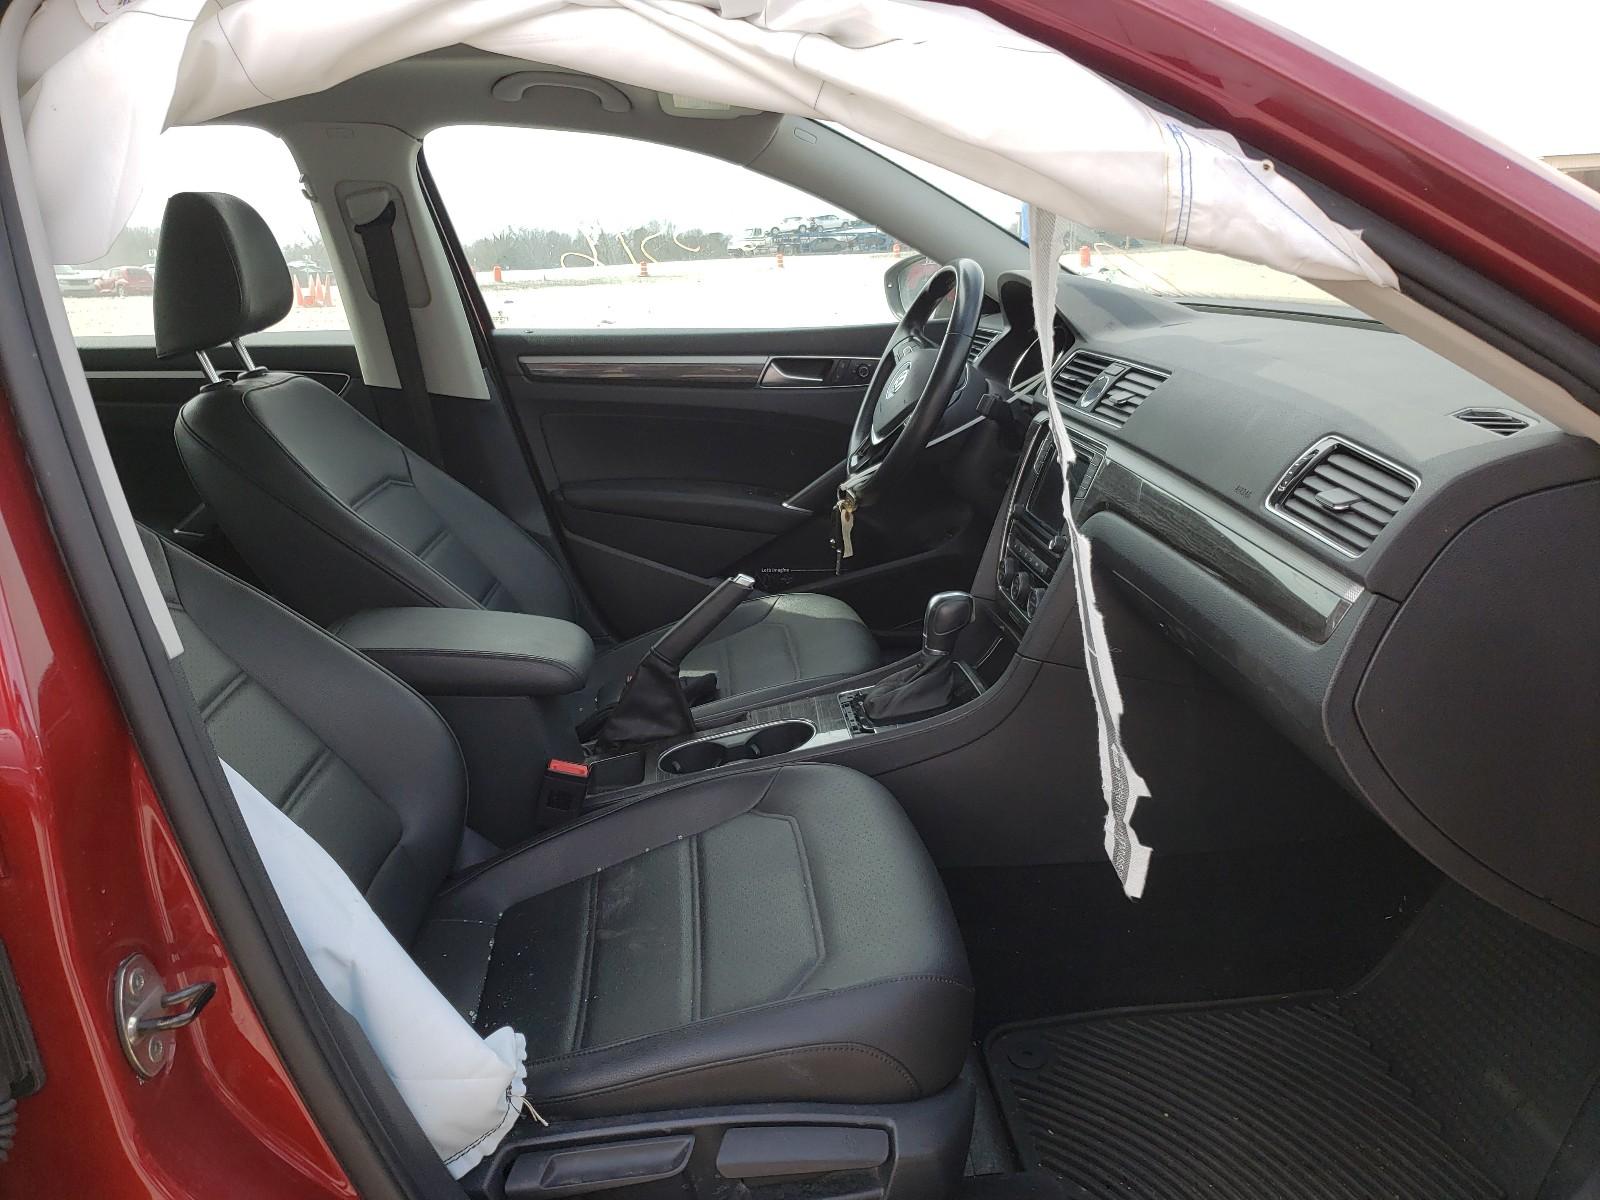 2017 Volkswagen Passat SE